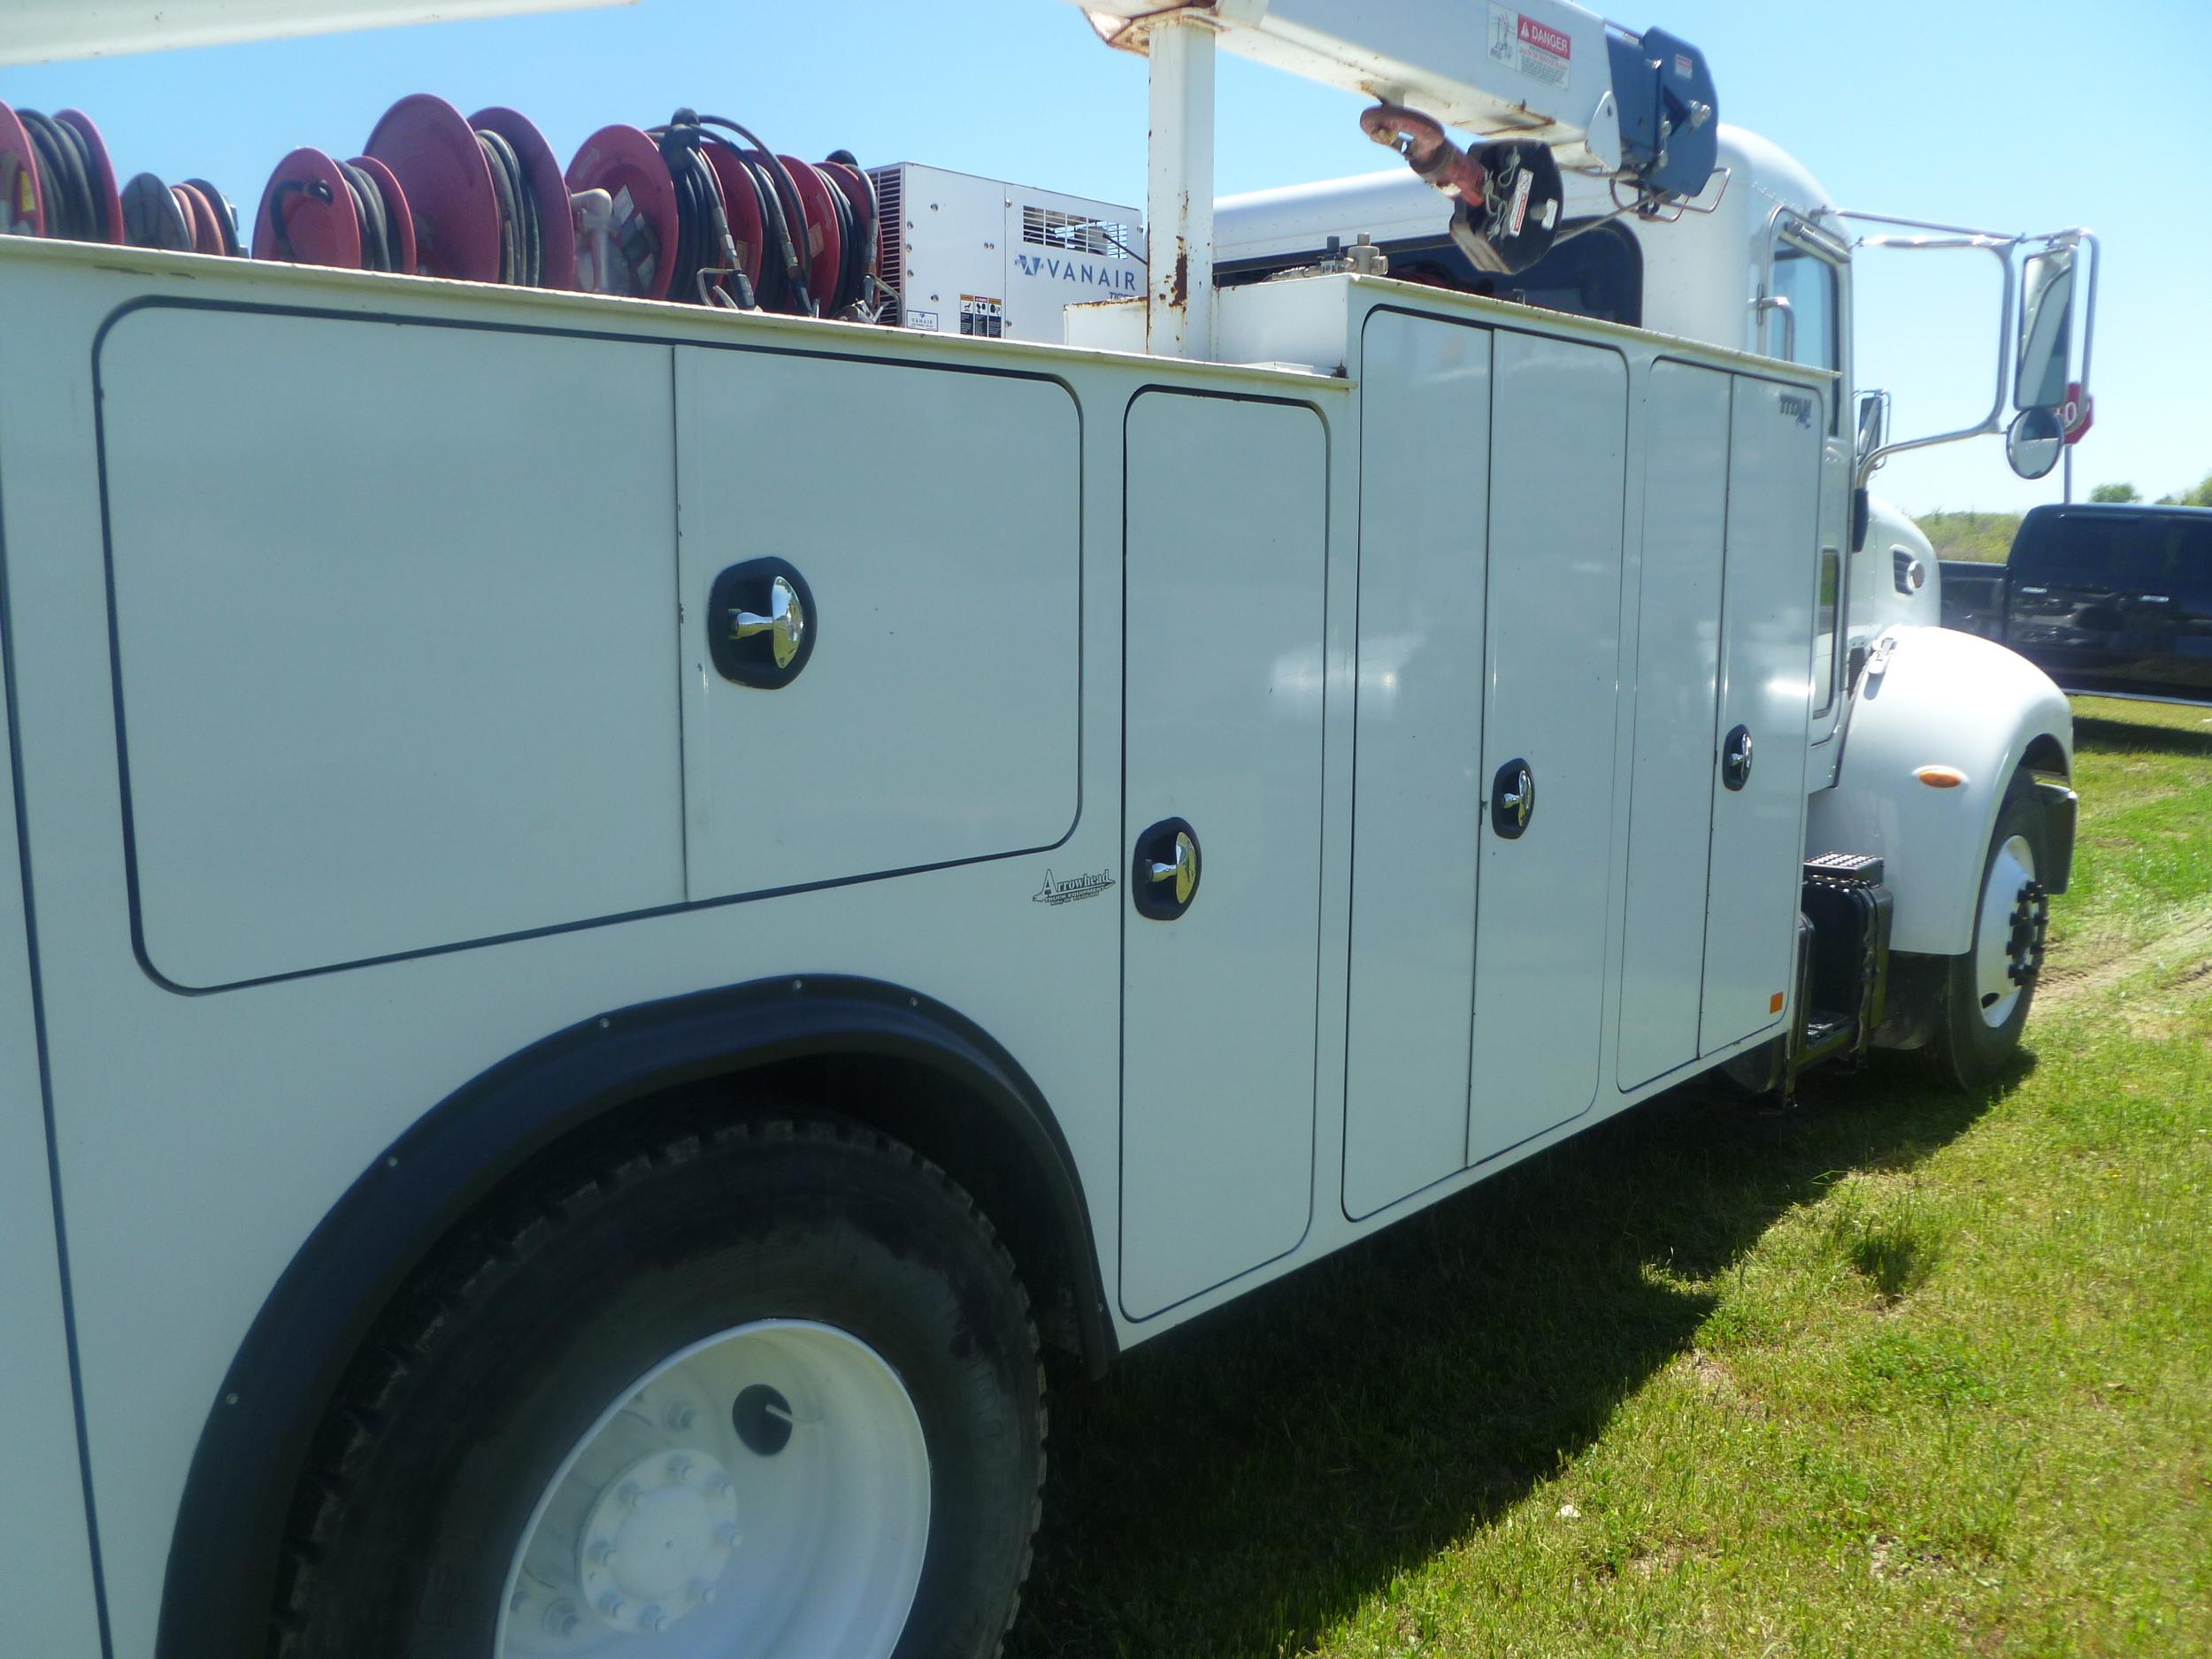 2009 Peterbilt service truck_18.JPG